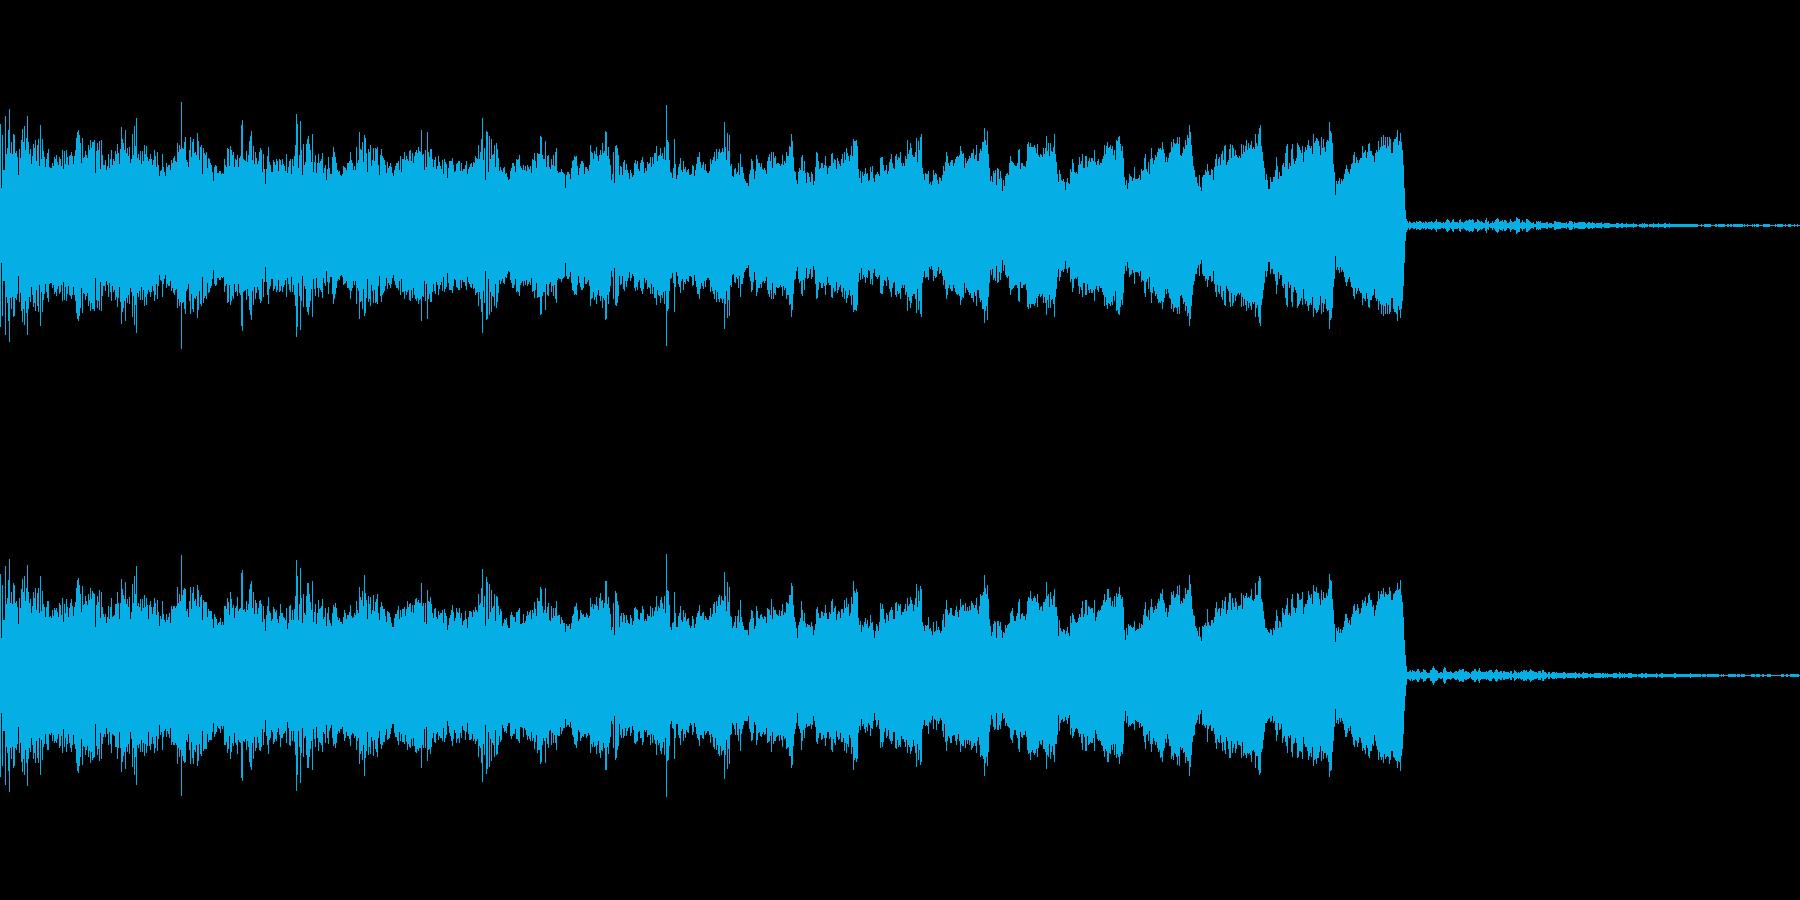 【ゲーム】短めなチャージ・吸収・回復音の再生済みの波形